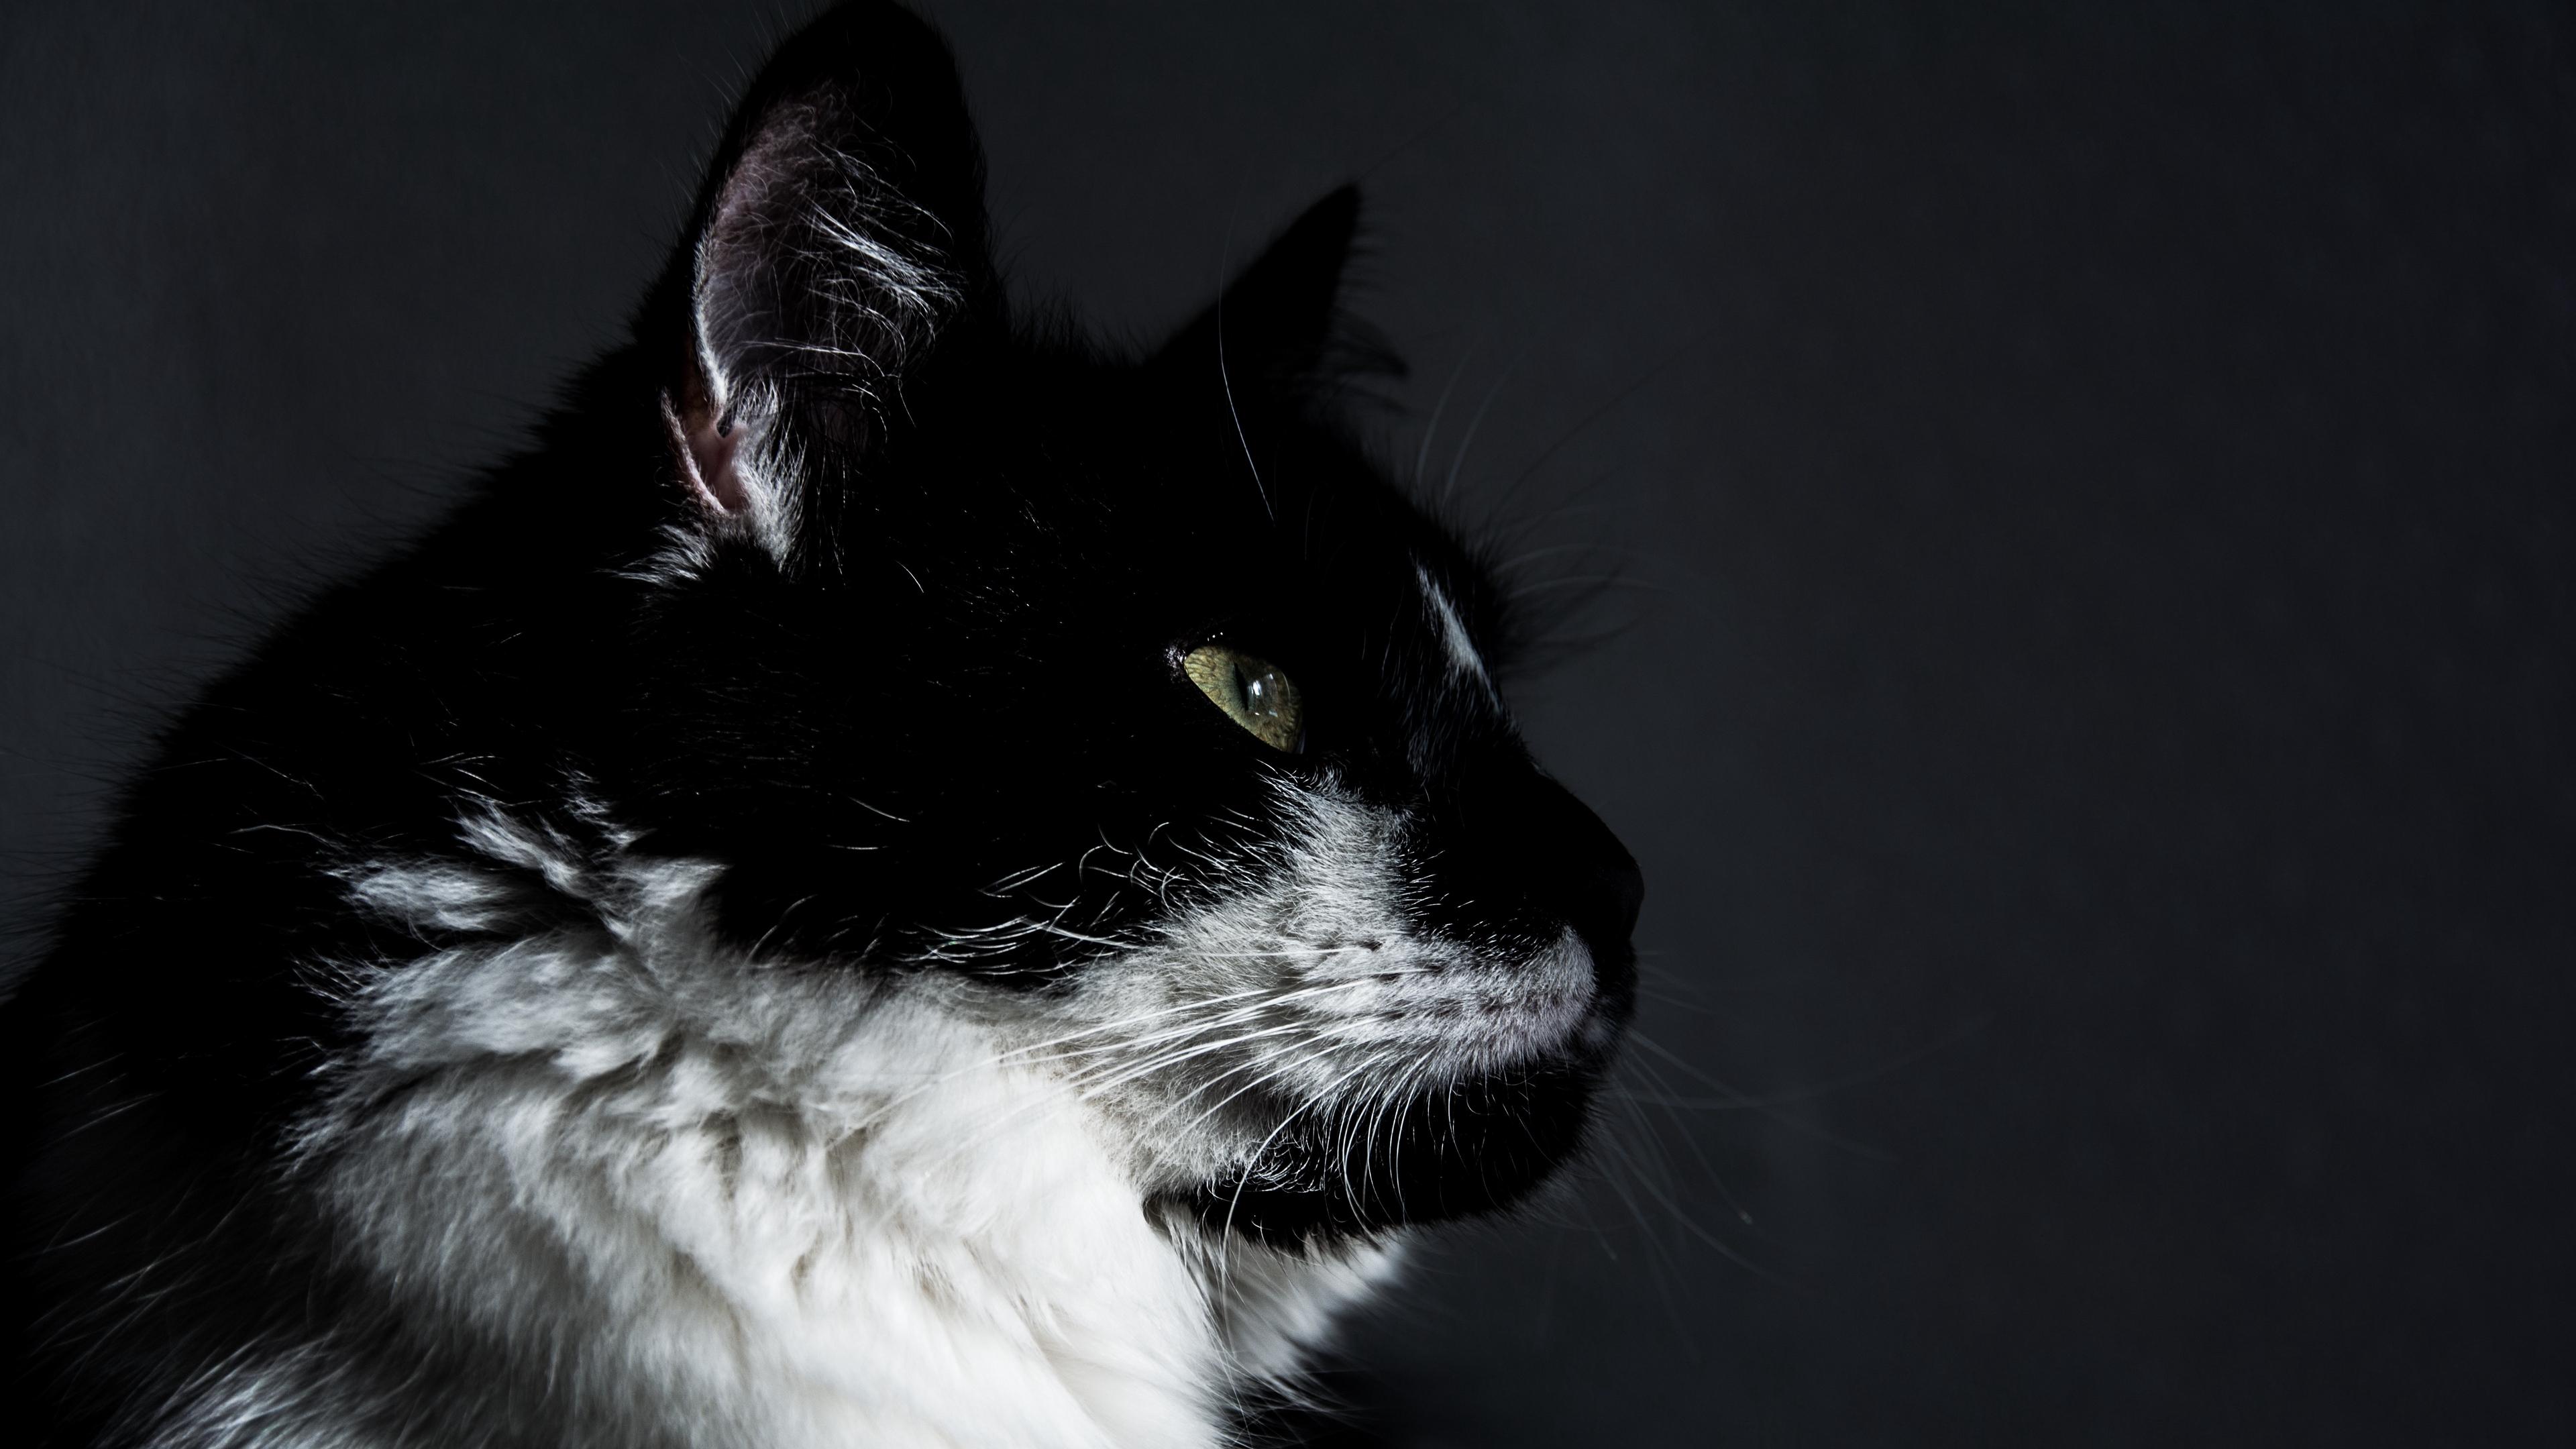 cat muzzle profile 4k 1542242082 - cat, muzzle, profile 4k - Profile, muzzle, Cat